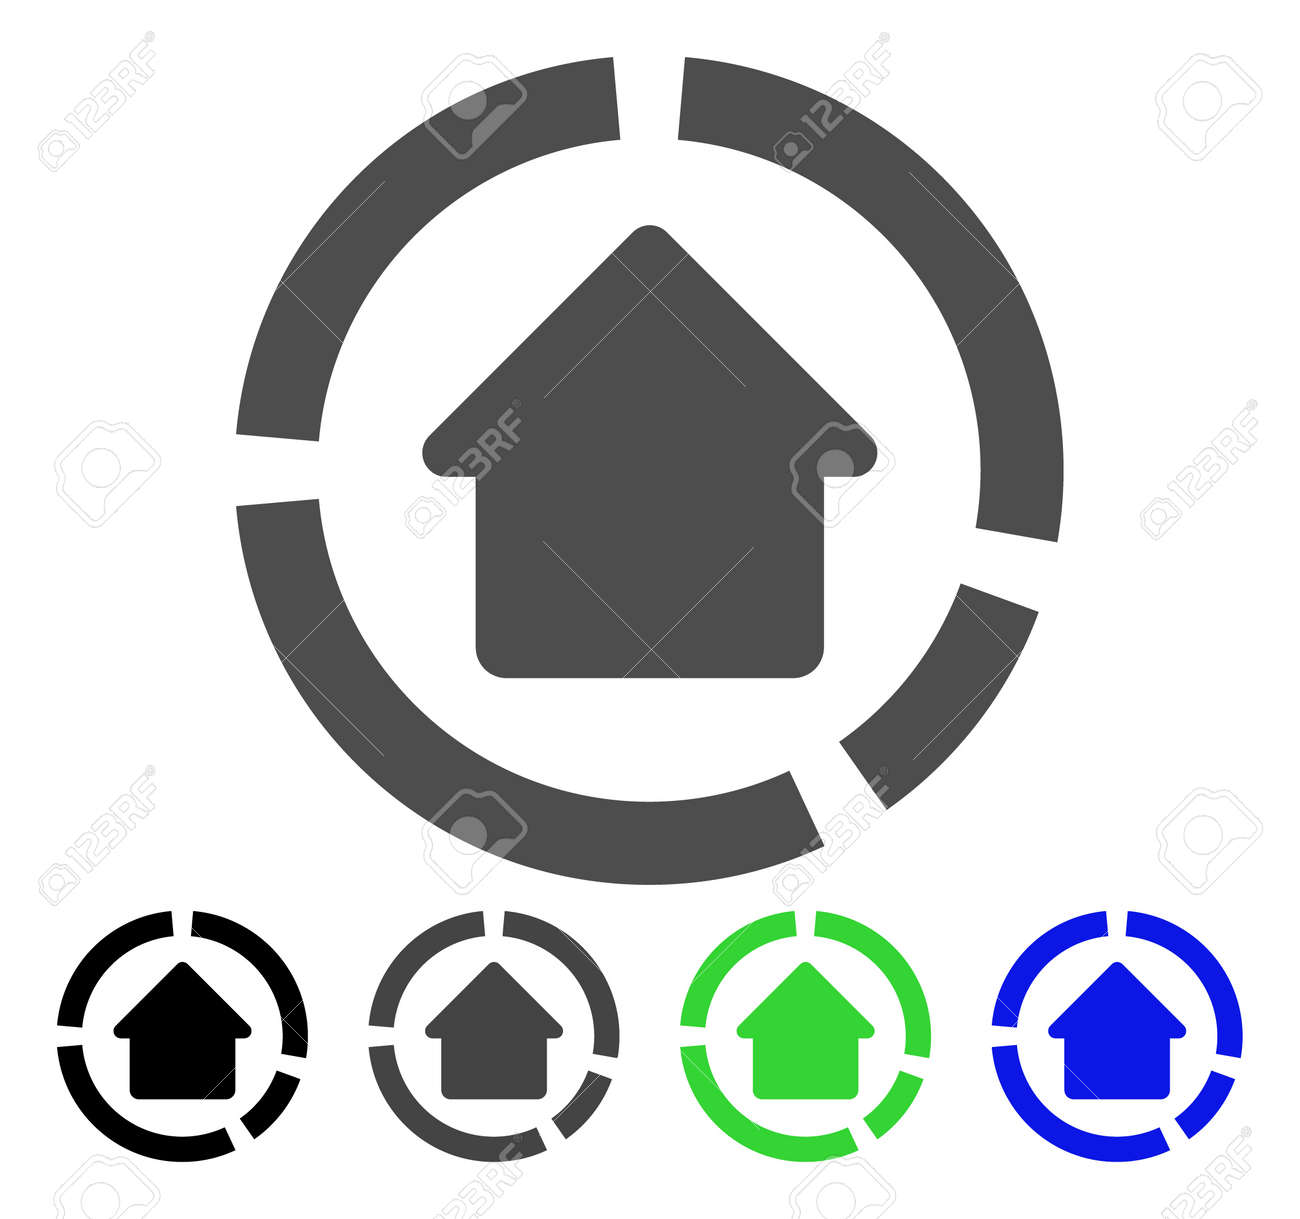 Colors Diagram Pictogram - Free Car Wiring Diagrams •